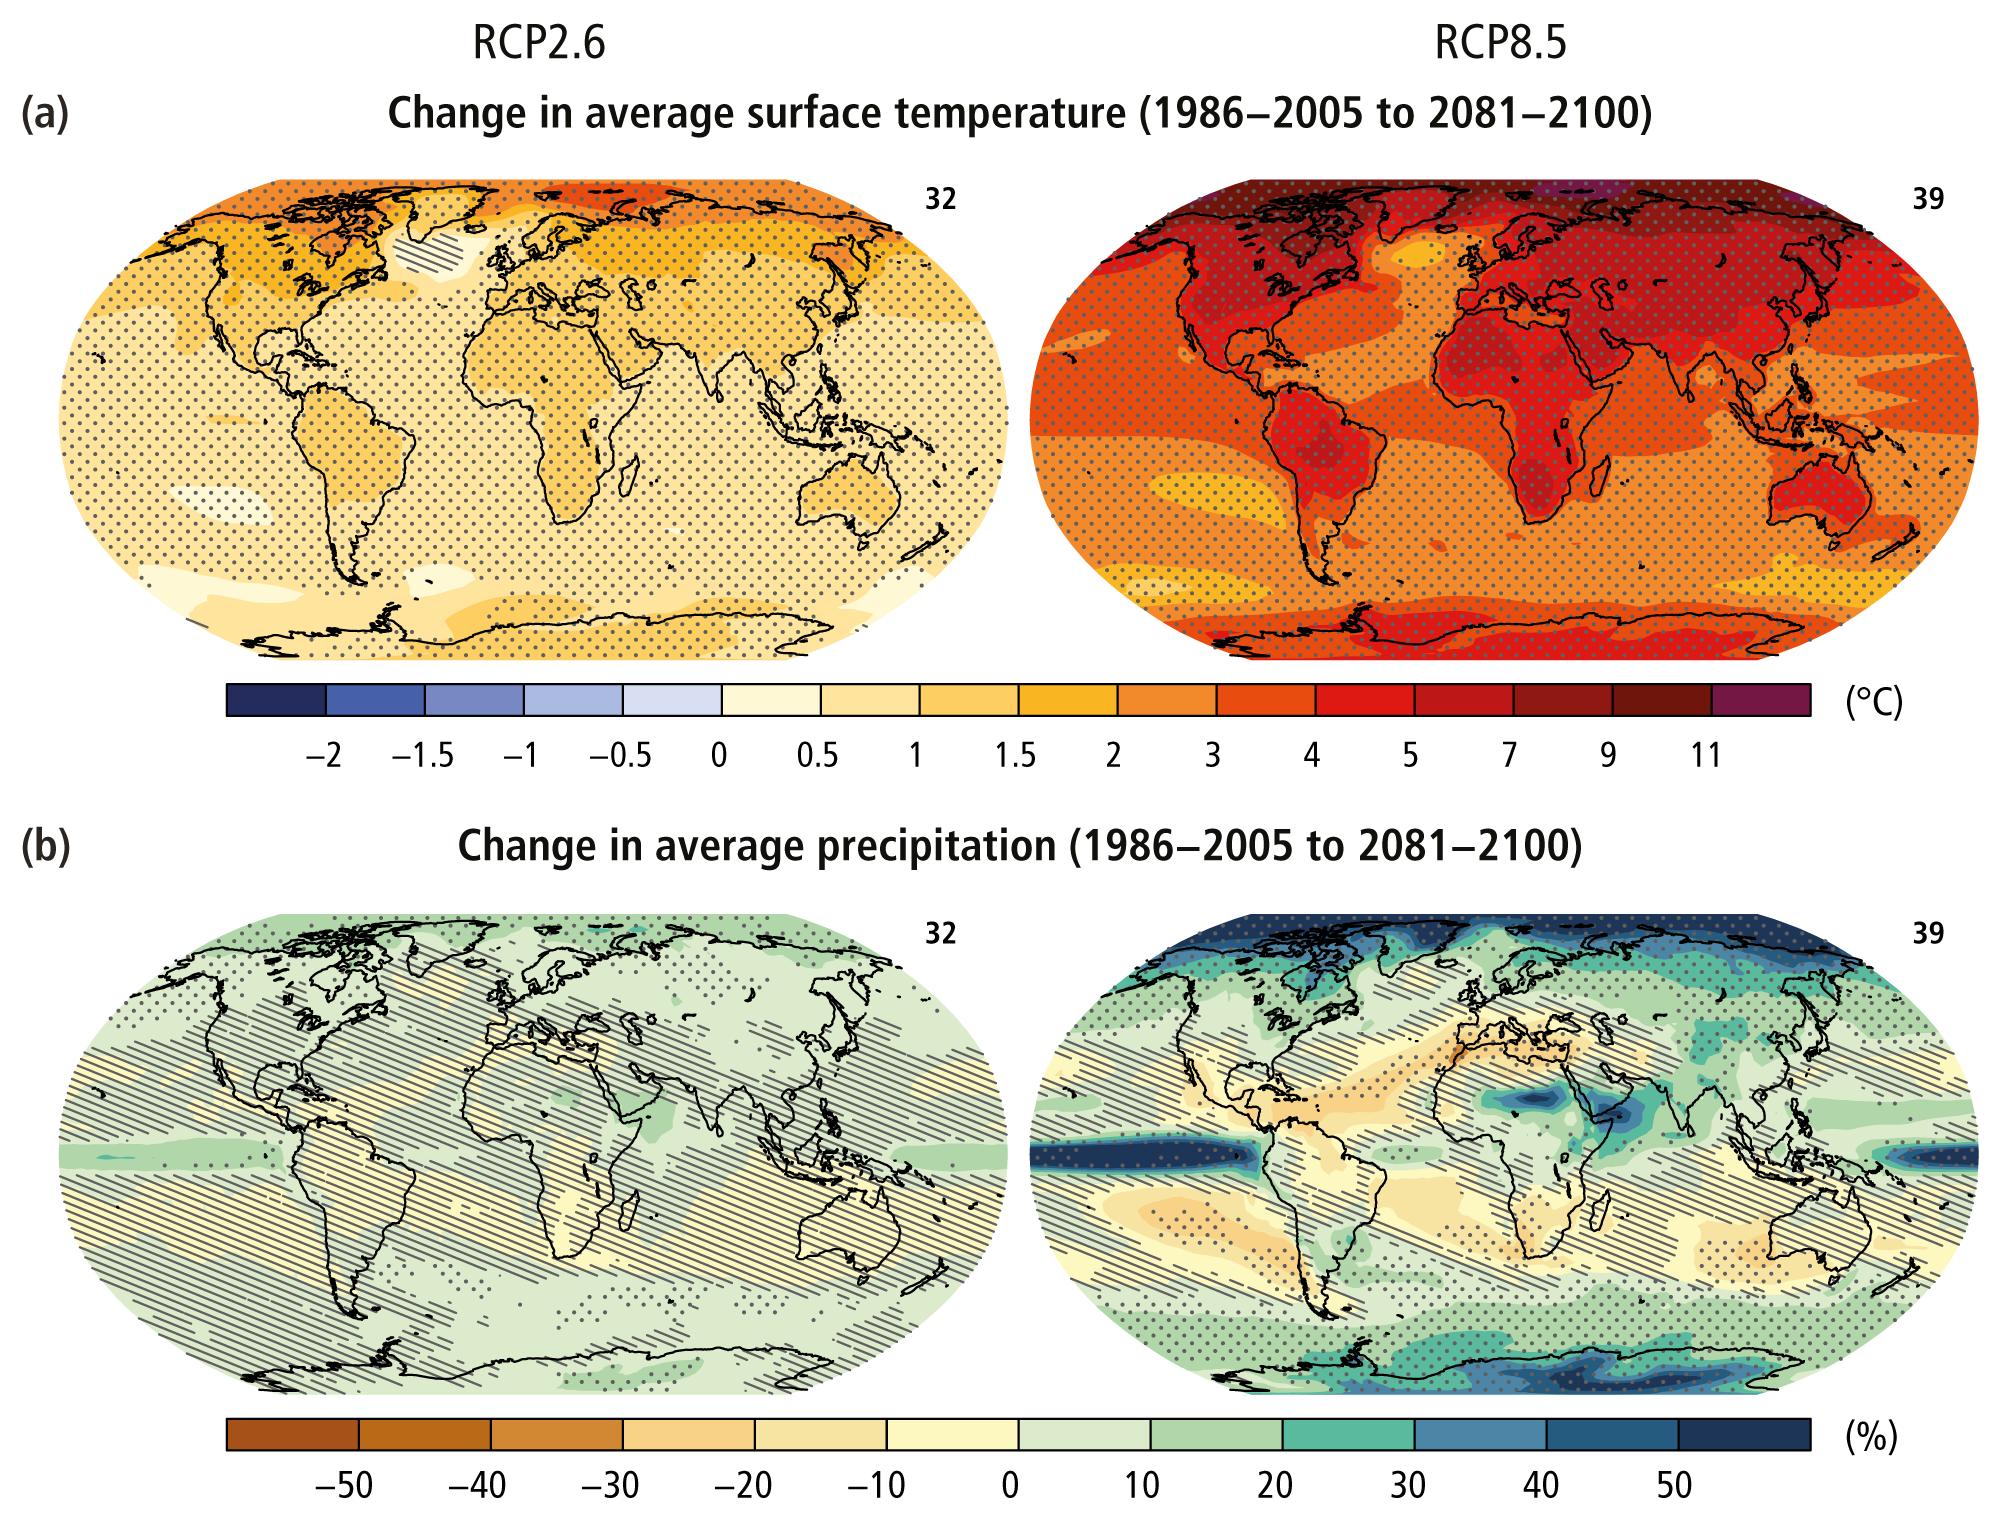 Cambios en la temperatura del aire (superiores) y en la precipitación (inferiores), para los escenarios RCP2.6 (izquierda) y RCP8.5 (derecha), para el periodo 2081-2100, en comparación con el periodo 1986-2005.